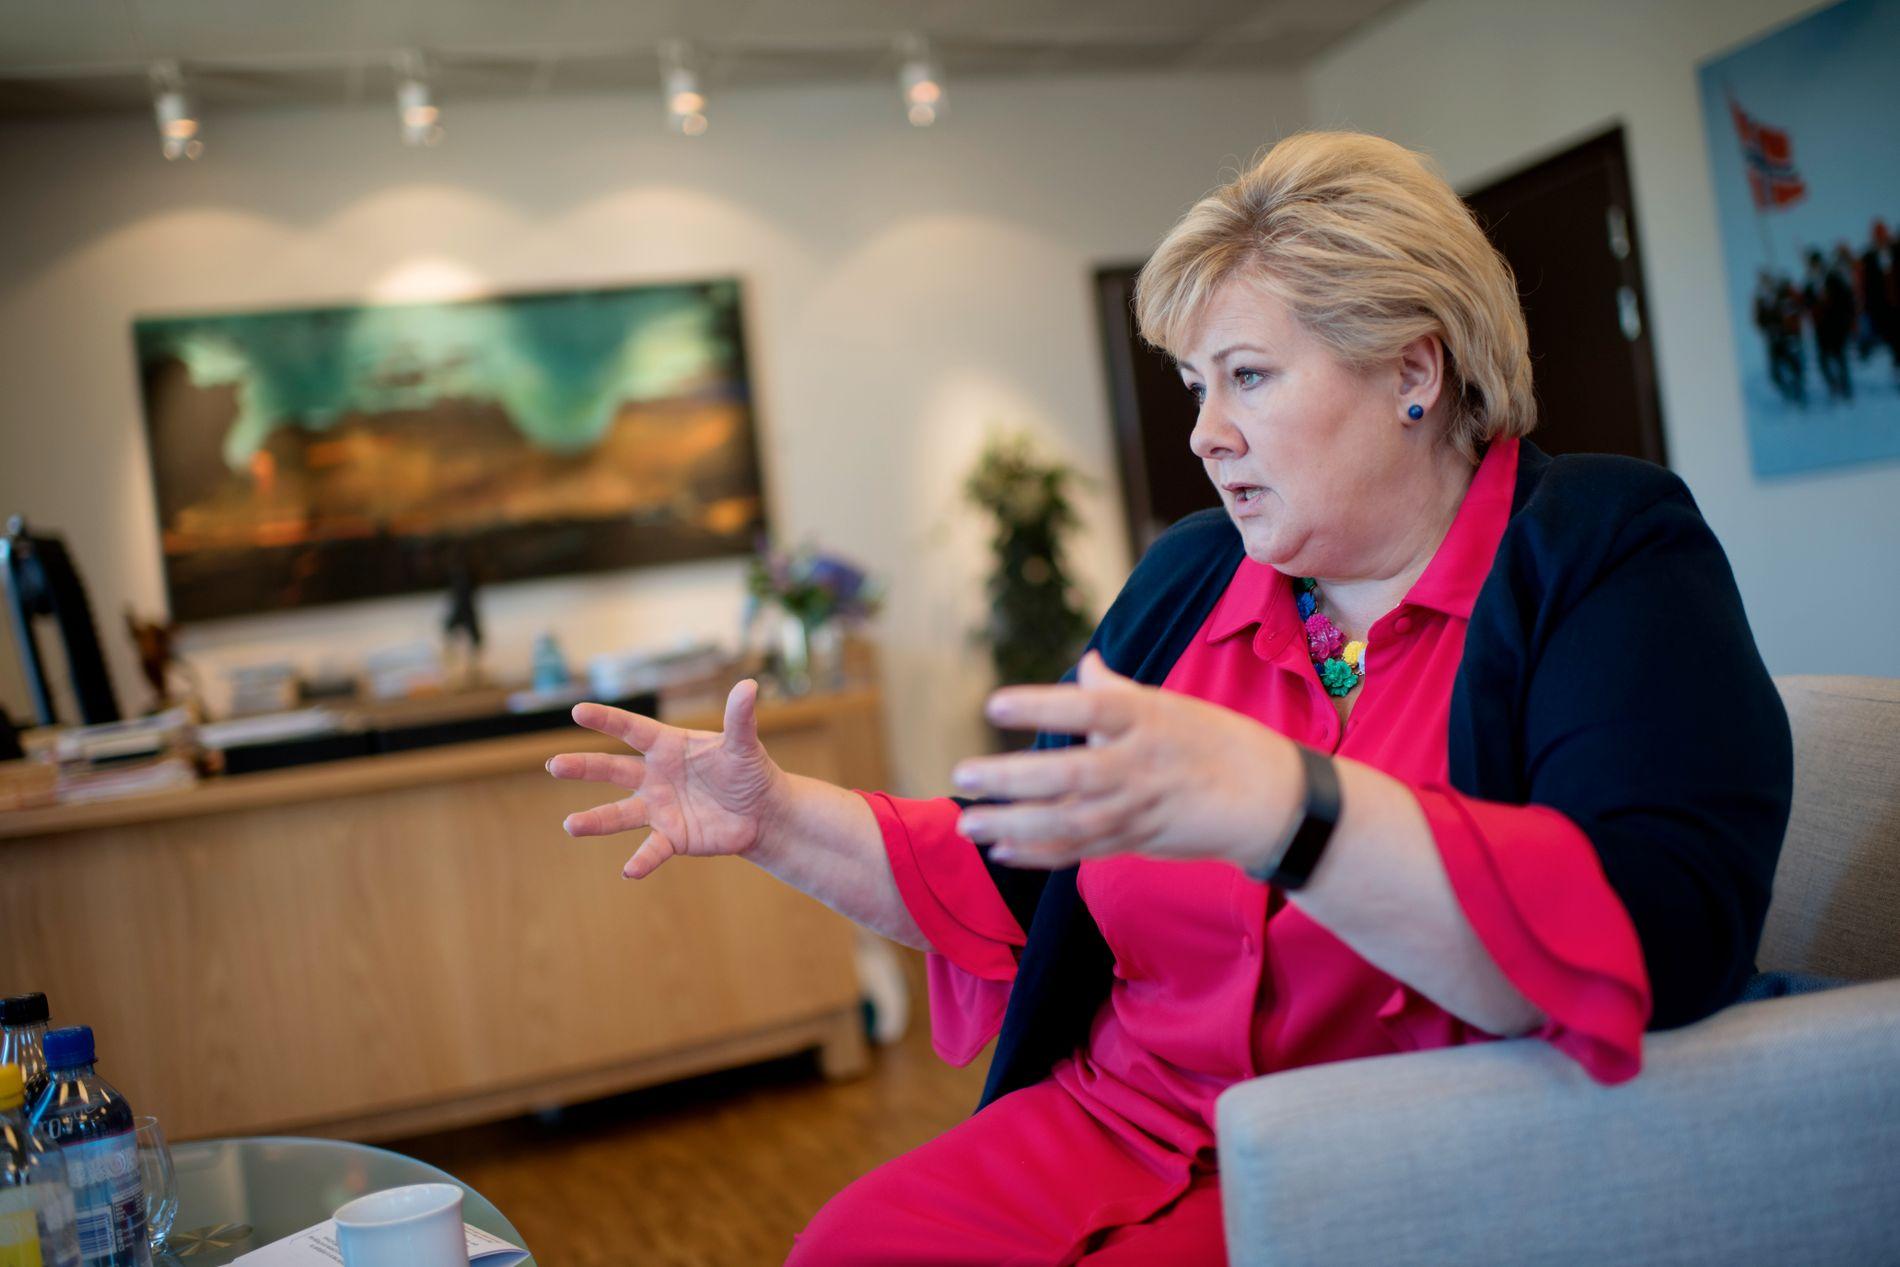 ET STEG VIDERE: Norge skal være nærmere toprosentmålet i 2024, men Erna Solberg vil ikke tallfeste noen prosentandel av BNP nå.